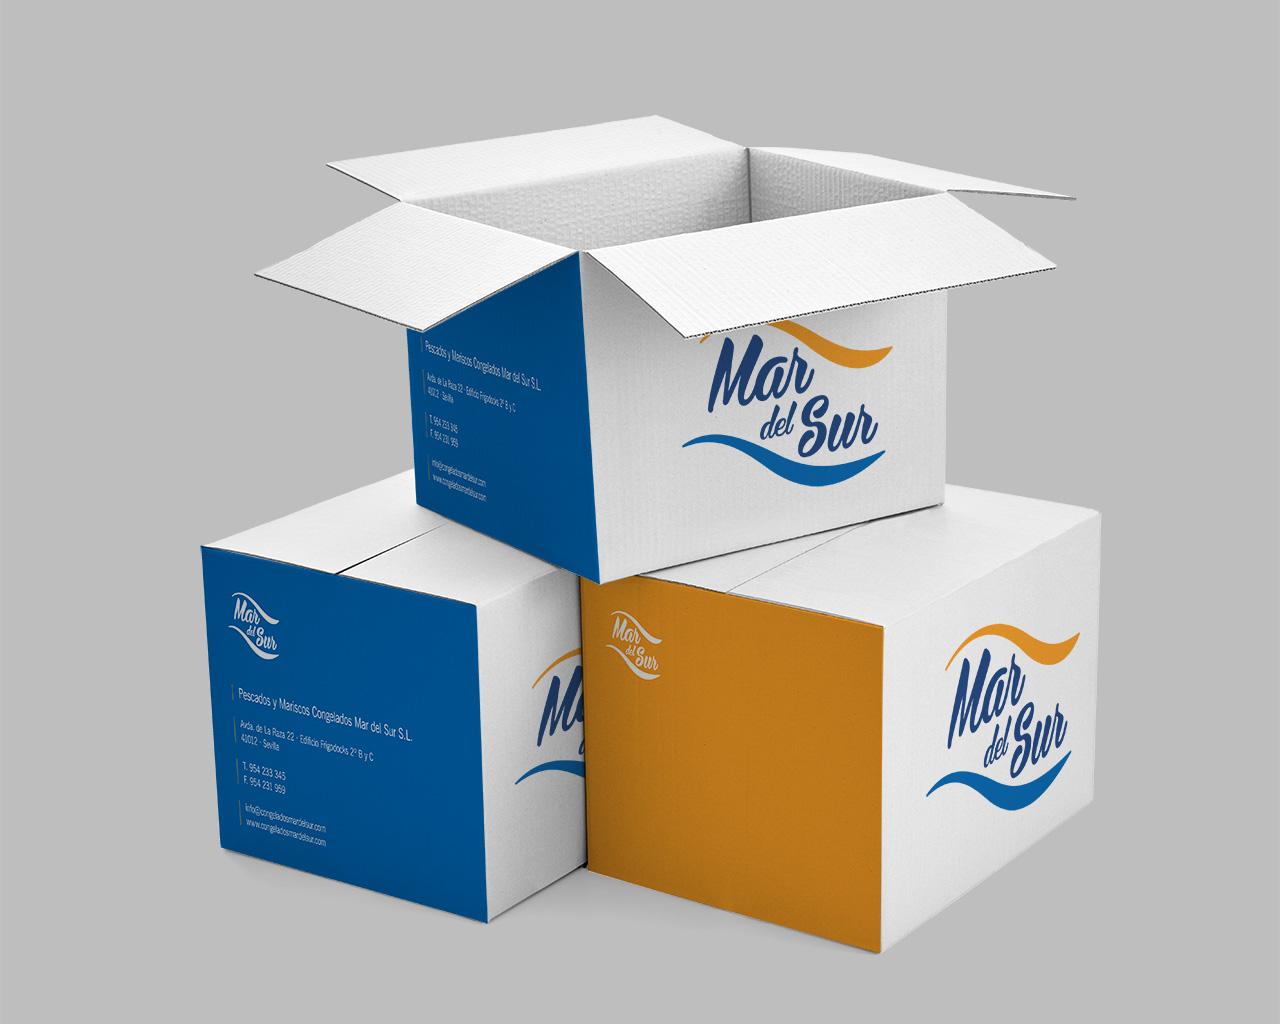 Cajas Mar del Sur Congelados - Diseño de Momo & Cía.